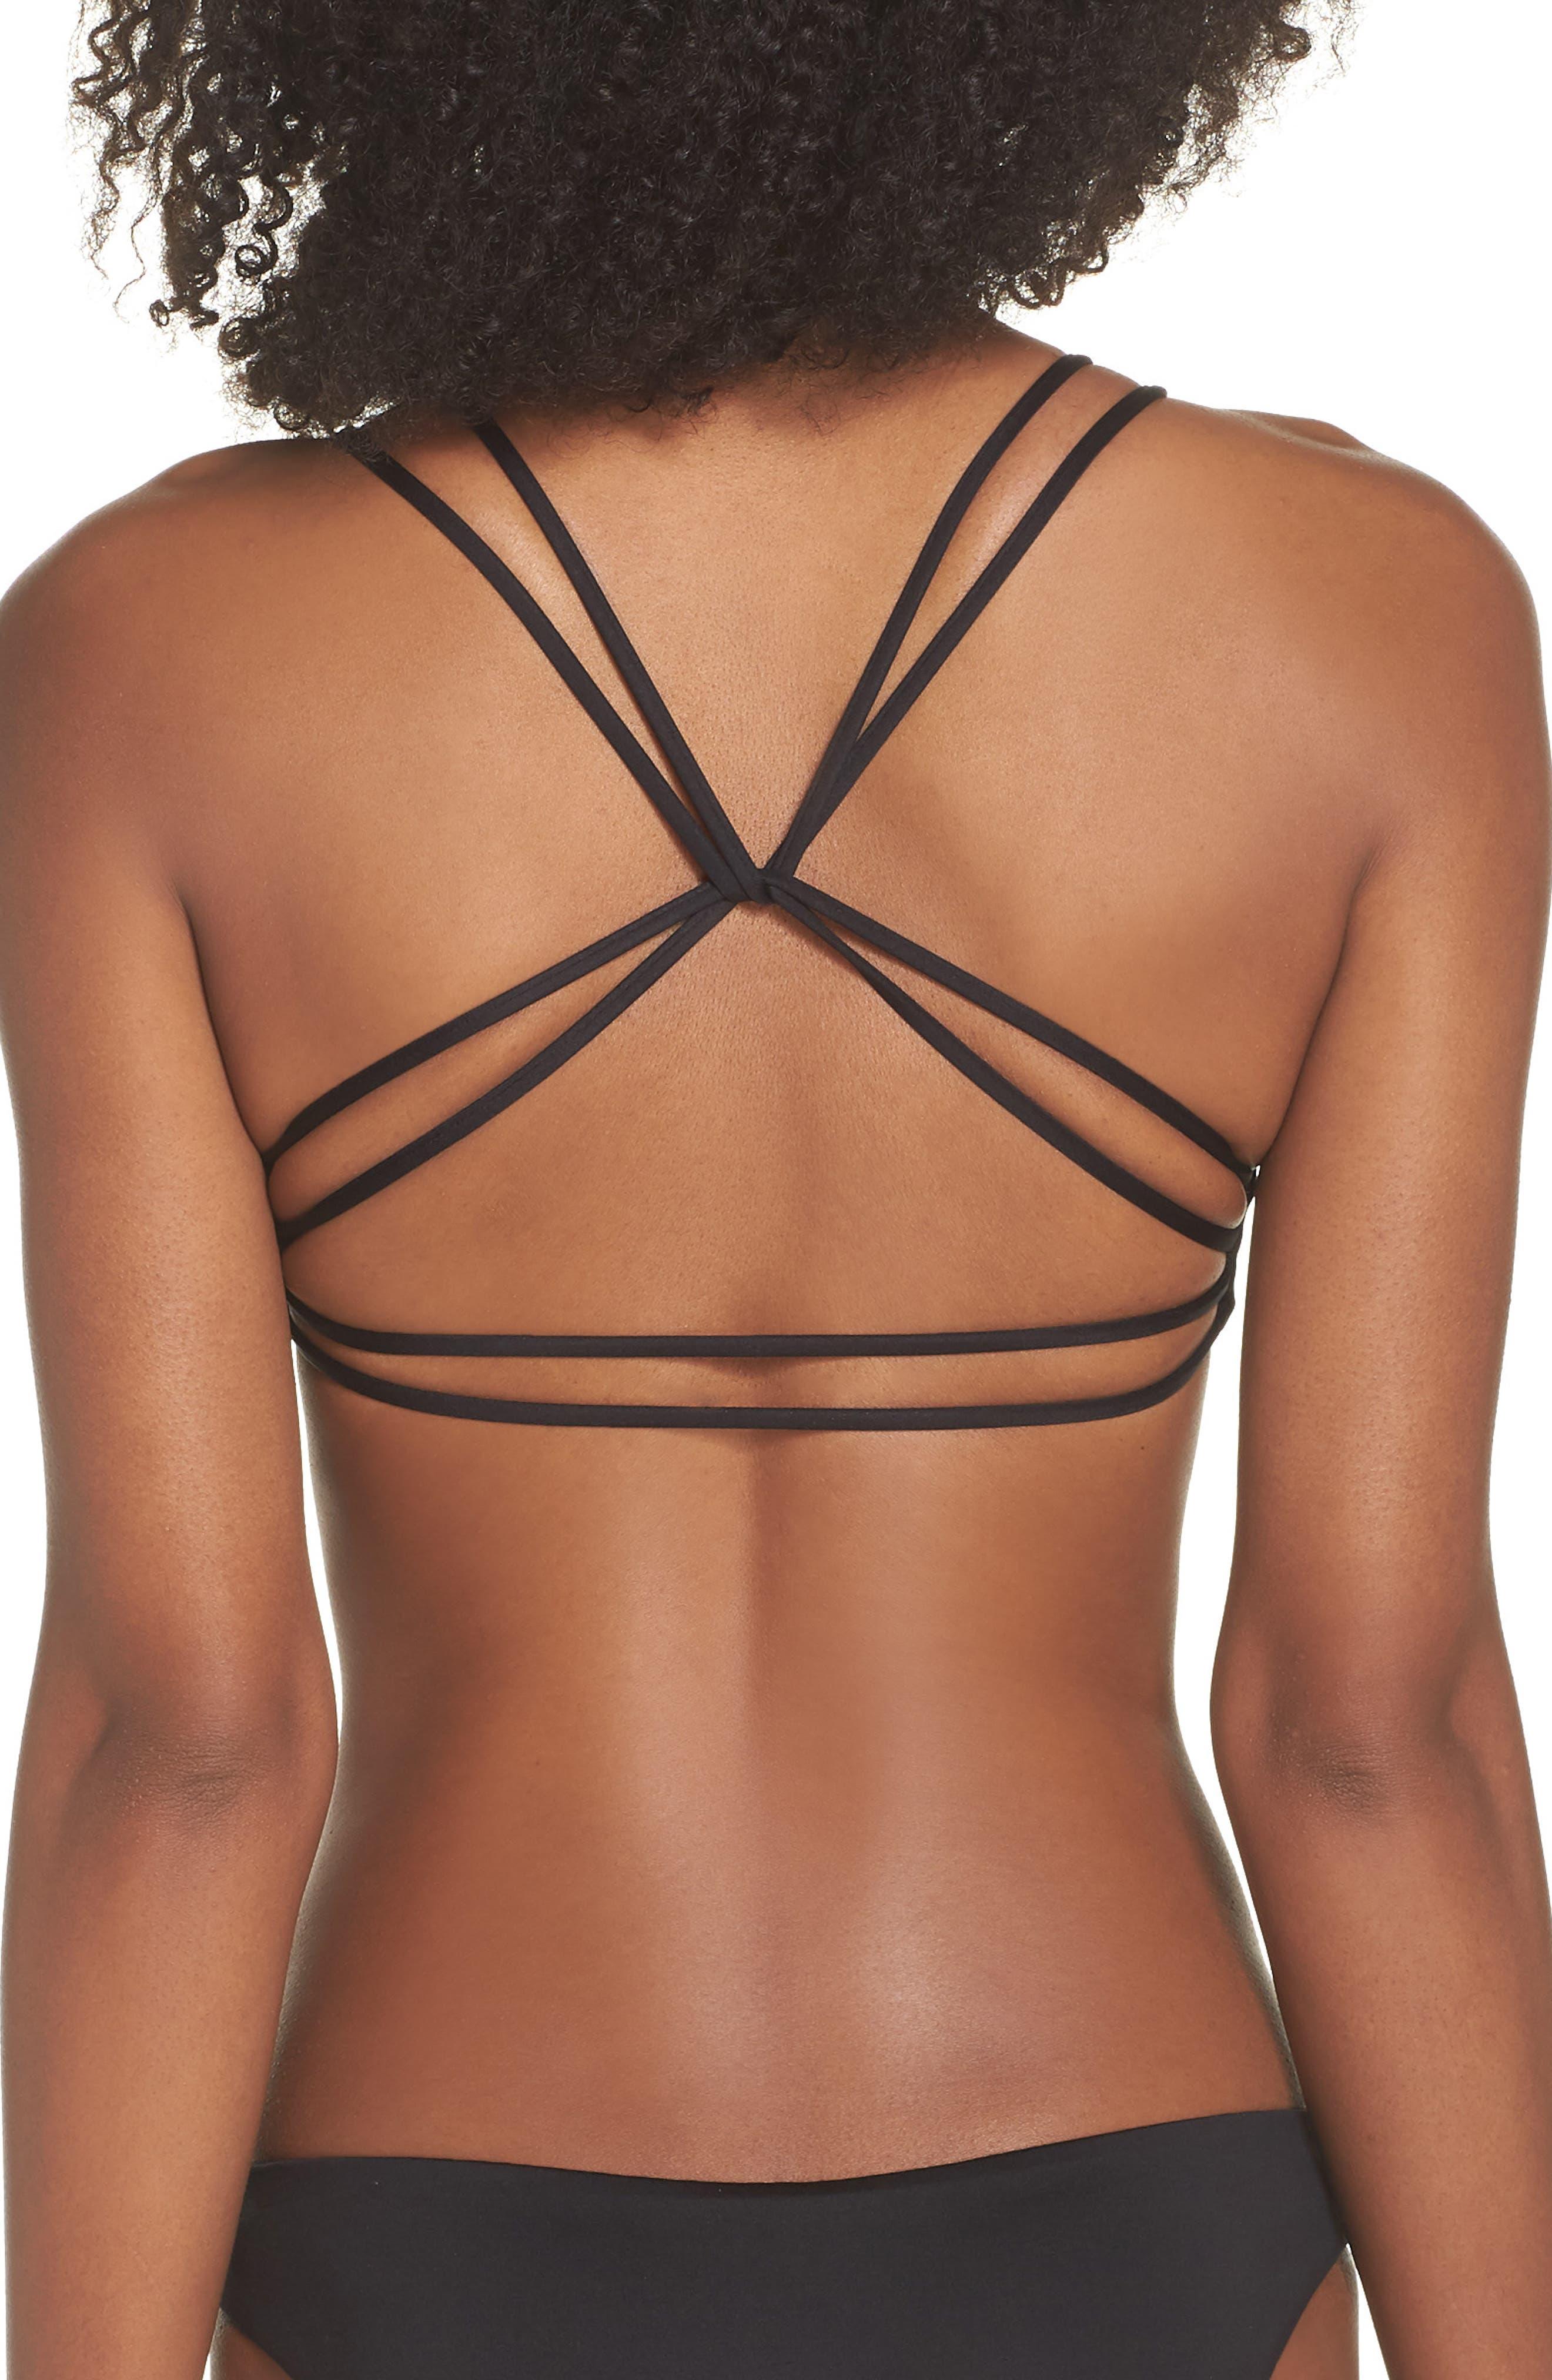 PATAGONIA,                             Seaglass Reversible Bikini Top,                             Alternate thumbnail 2, color,                             003